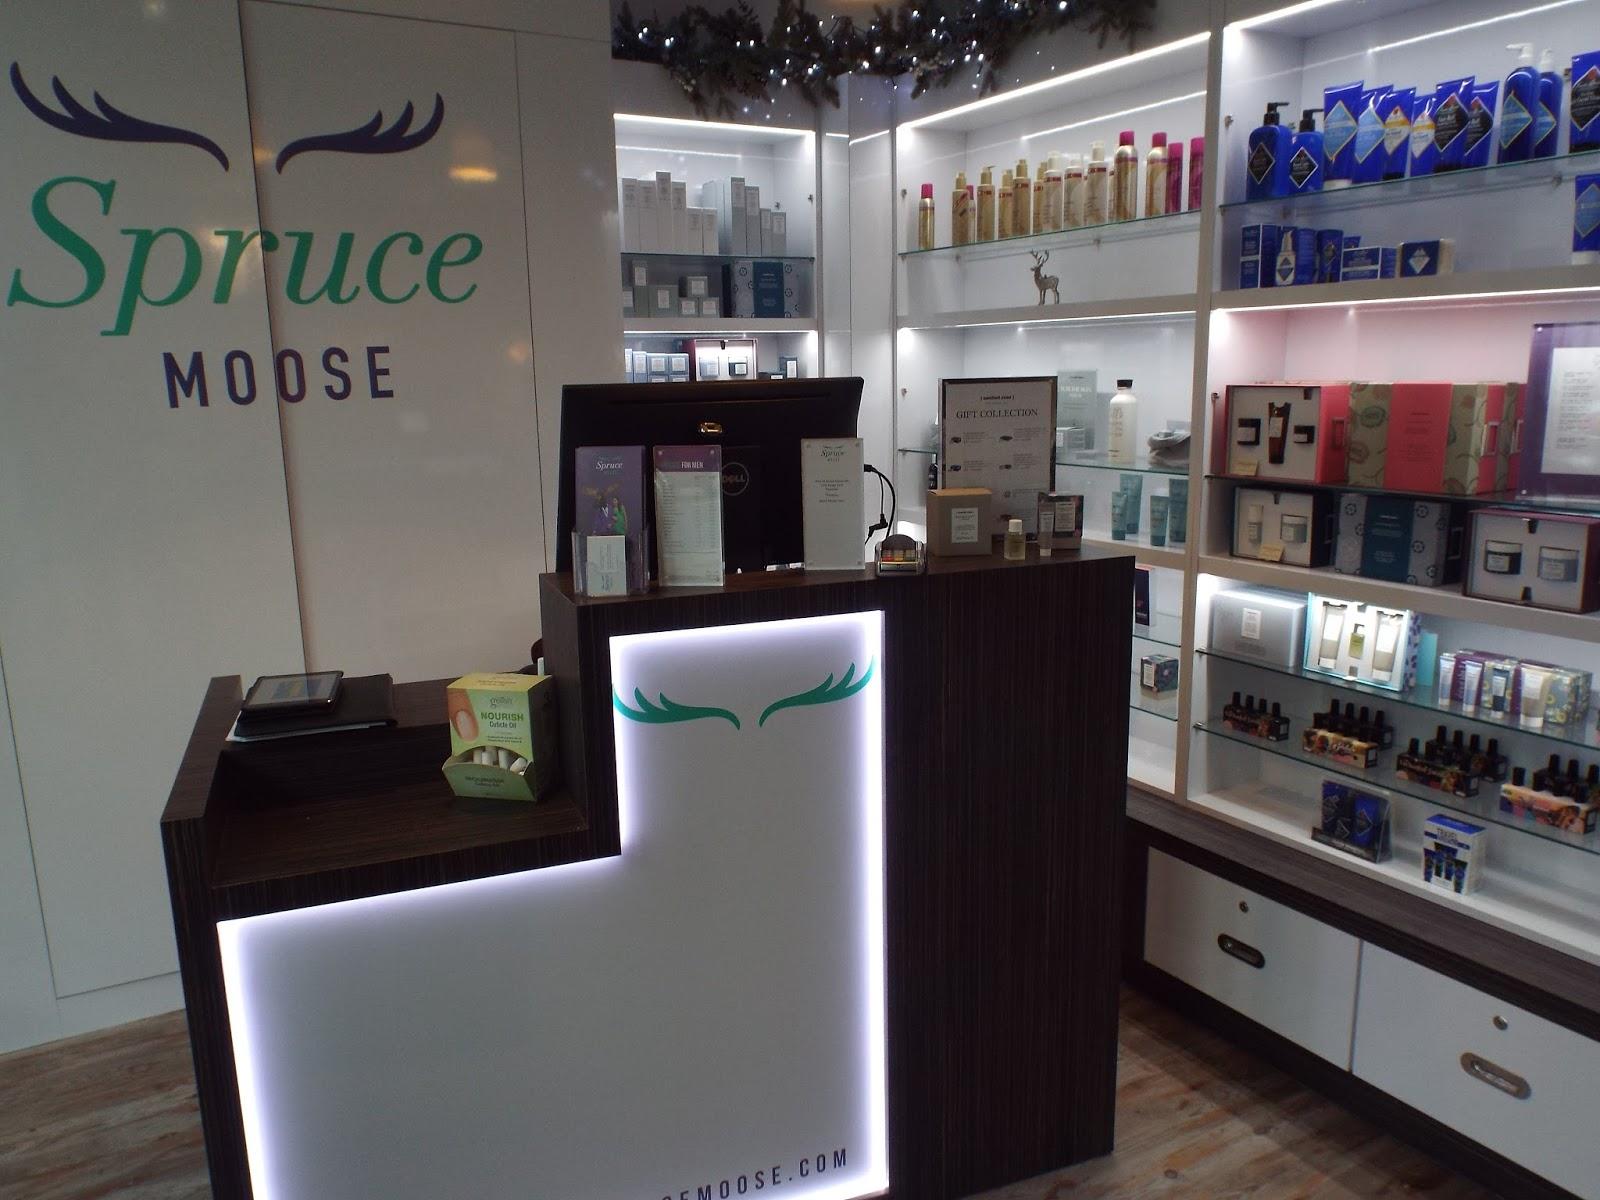 Spruce Moose Beauty Salon, Harrogate, Review